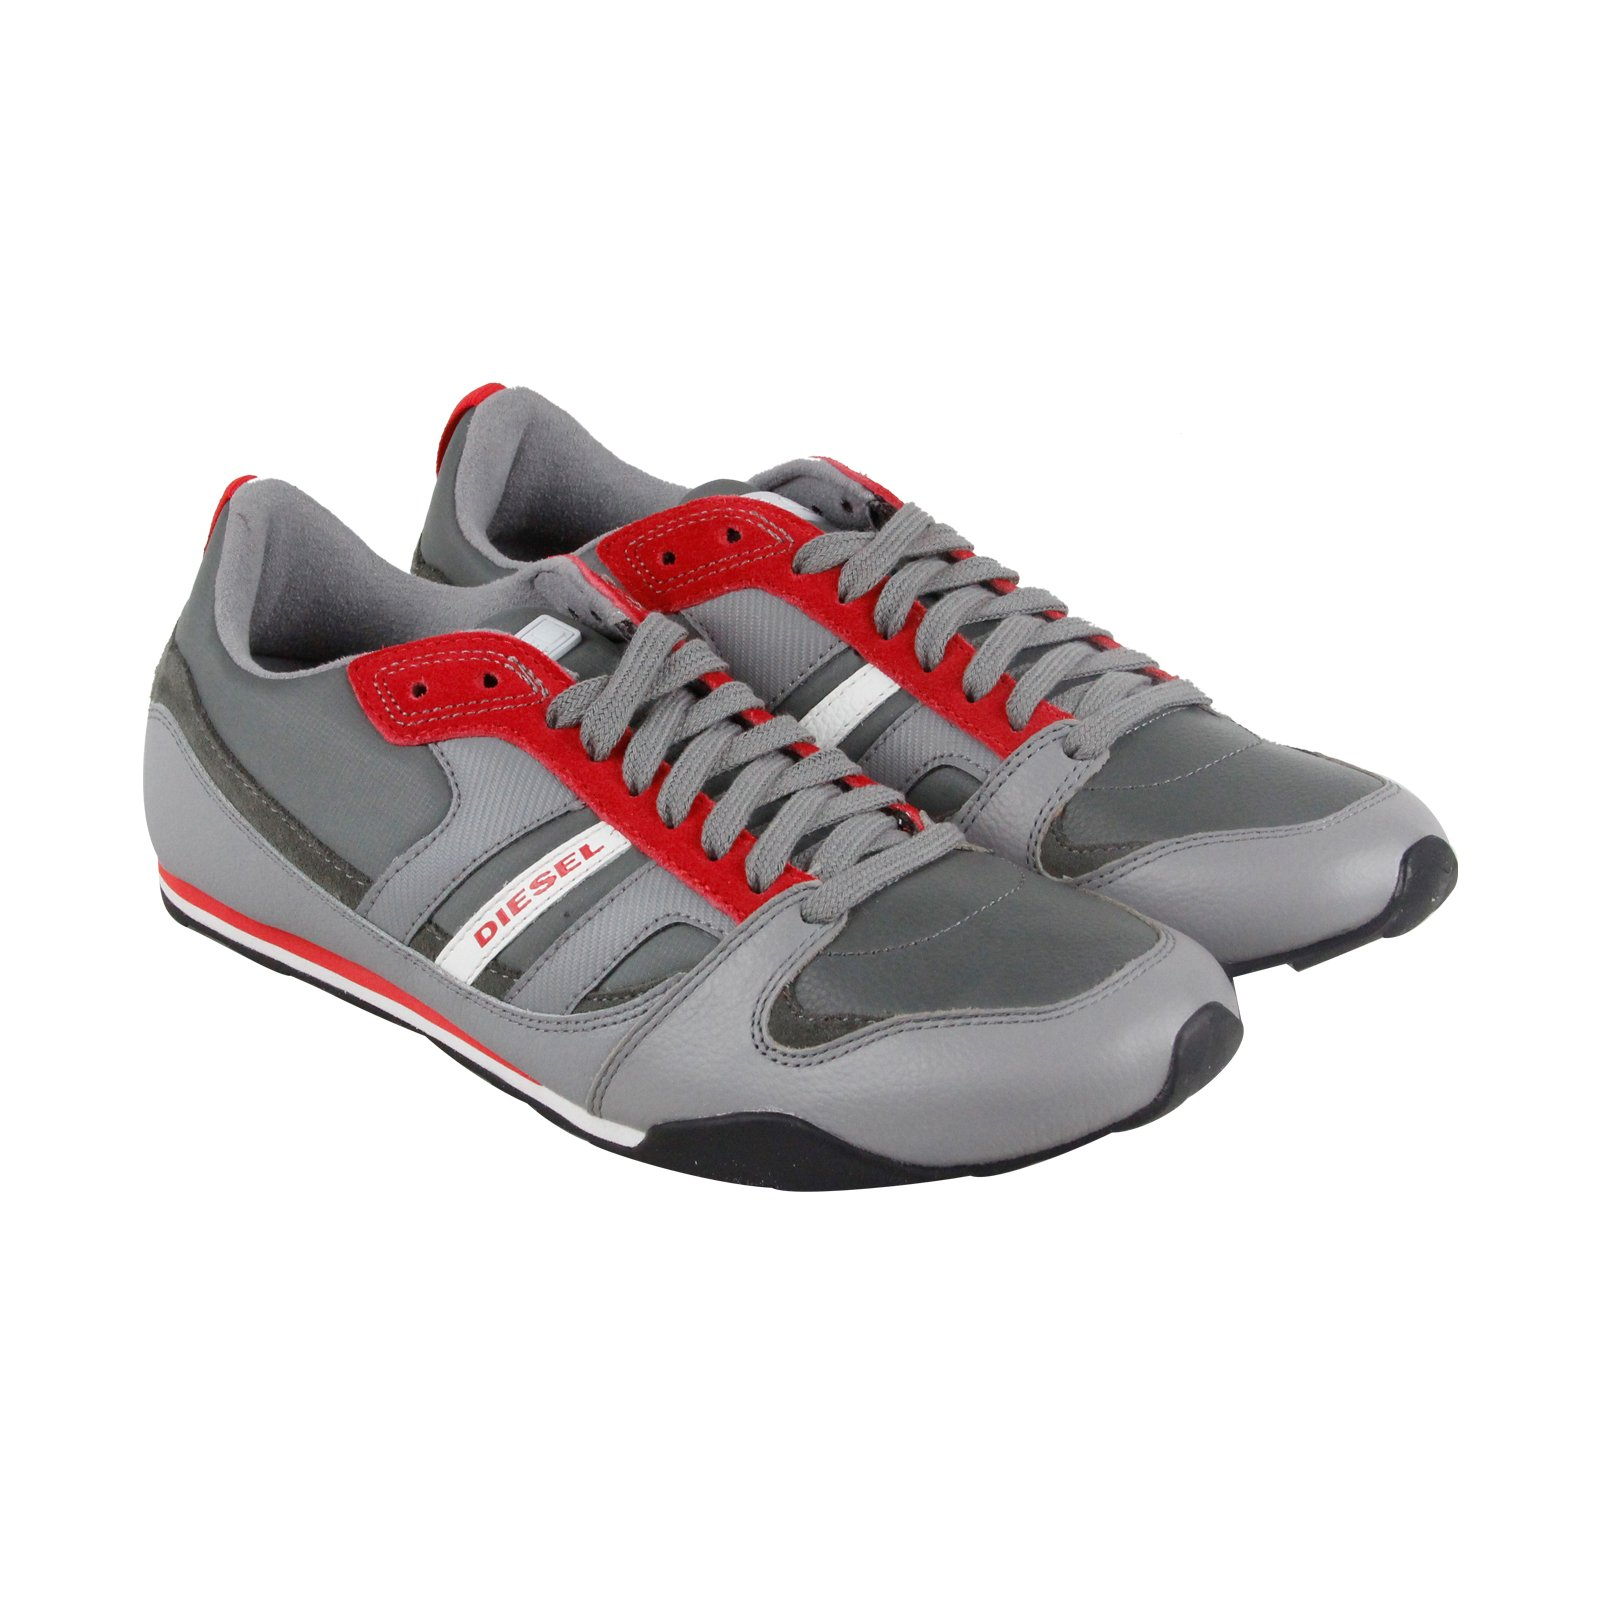 Diesel Men's Gunner Lace-Up Fashion Sneaker,Gunmetal/Frost Grey,8.5 M US